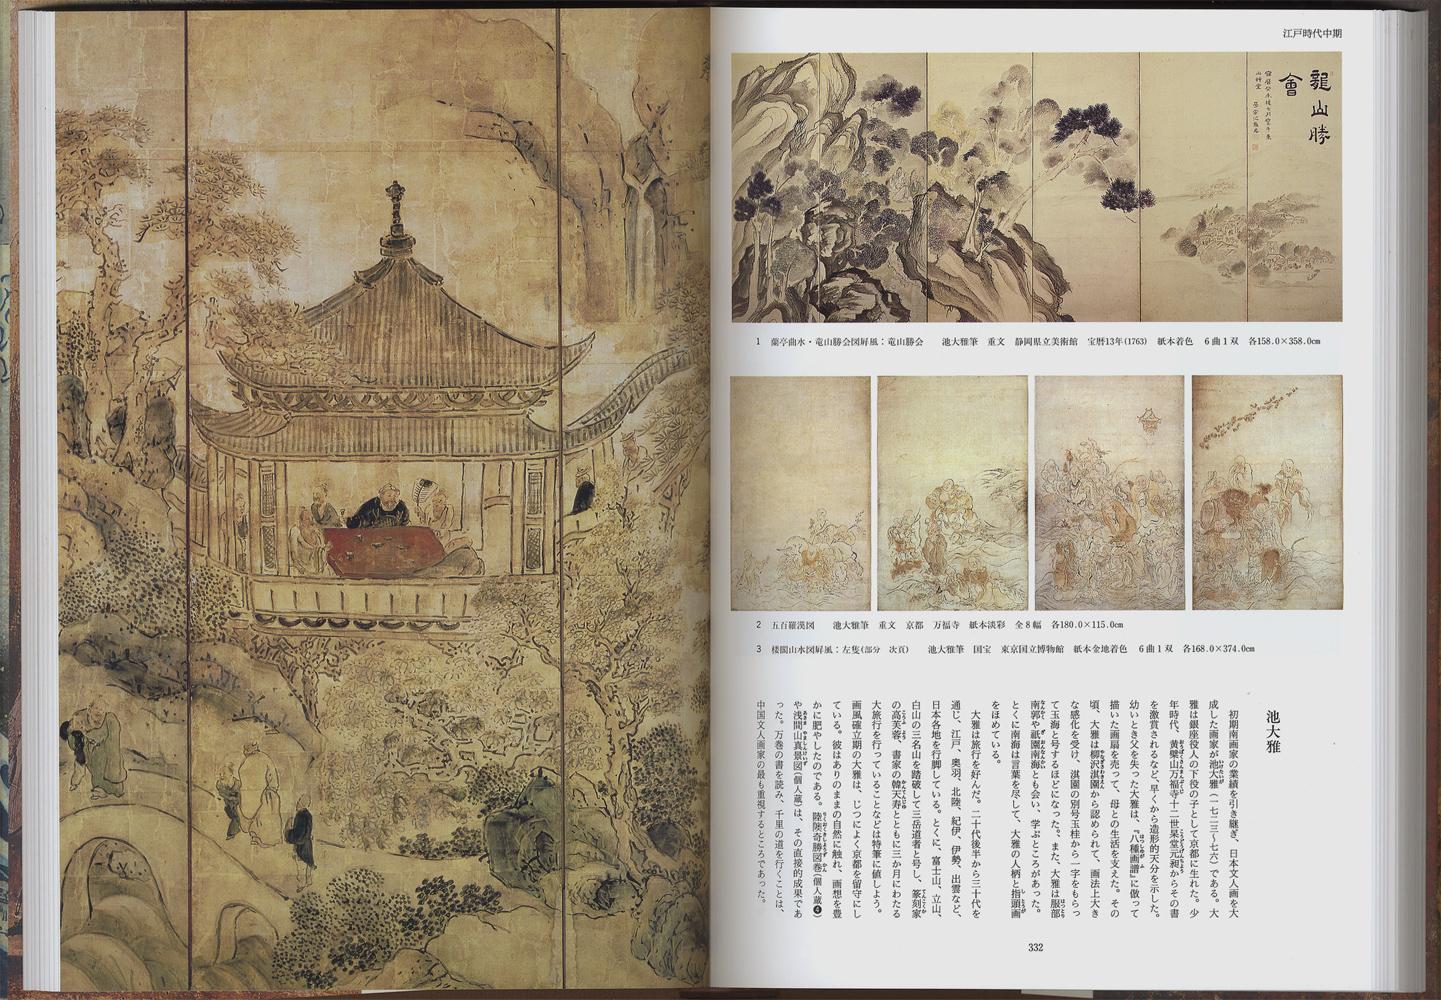 カラー版 日本絵画史図典[image5]